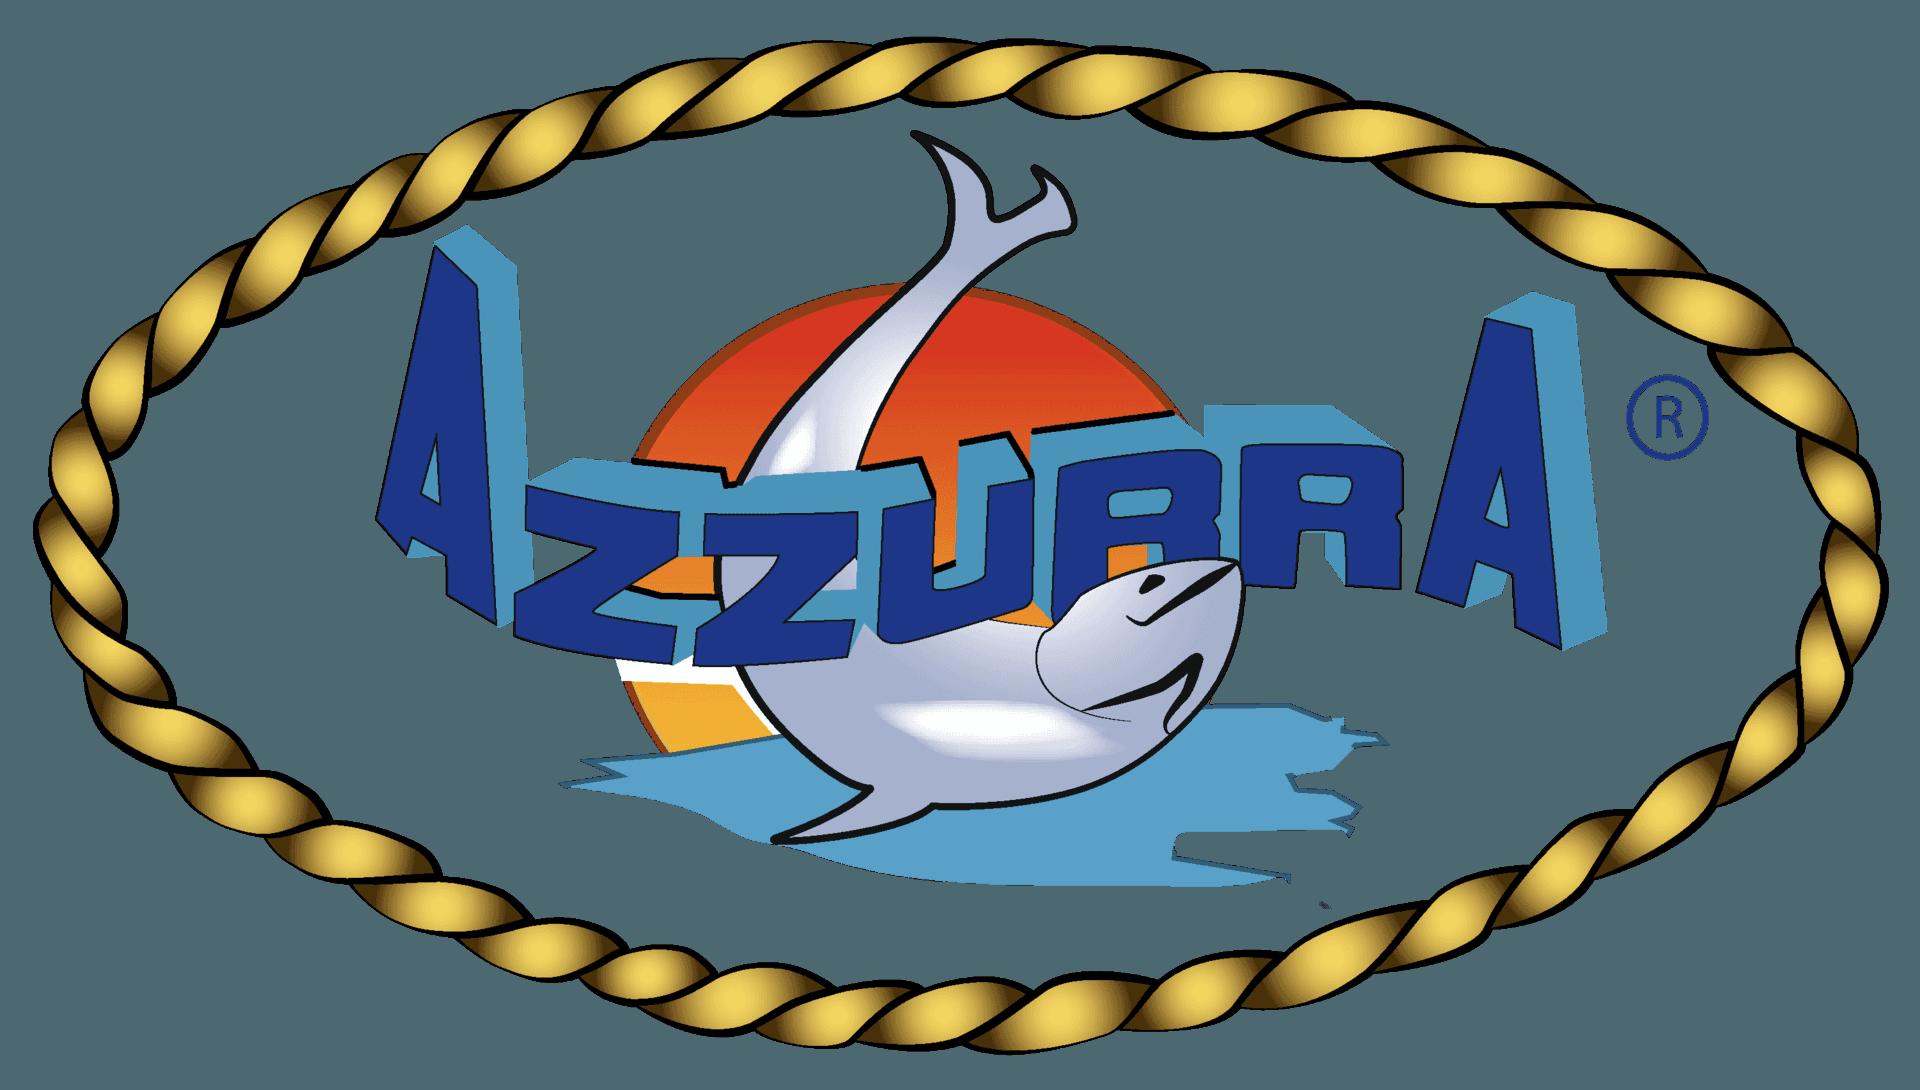 http://www.azzurrapescasrl.it